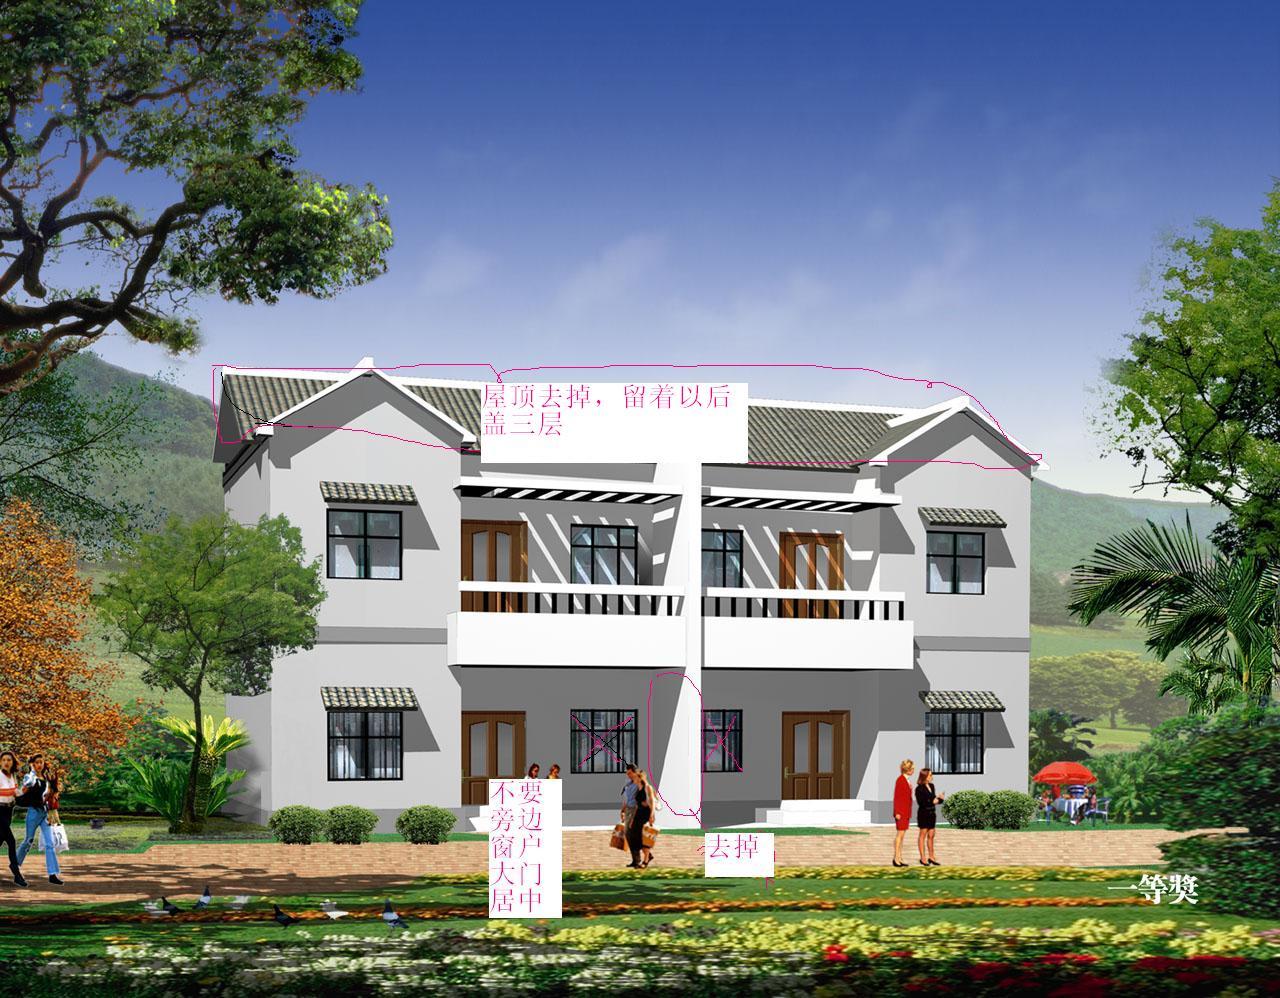 民房设计图 民房设计图纸 民房建筑设计图-免费民房设计图纸